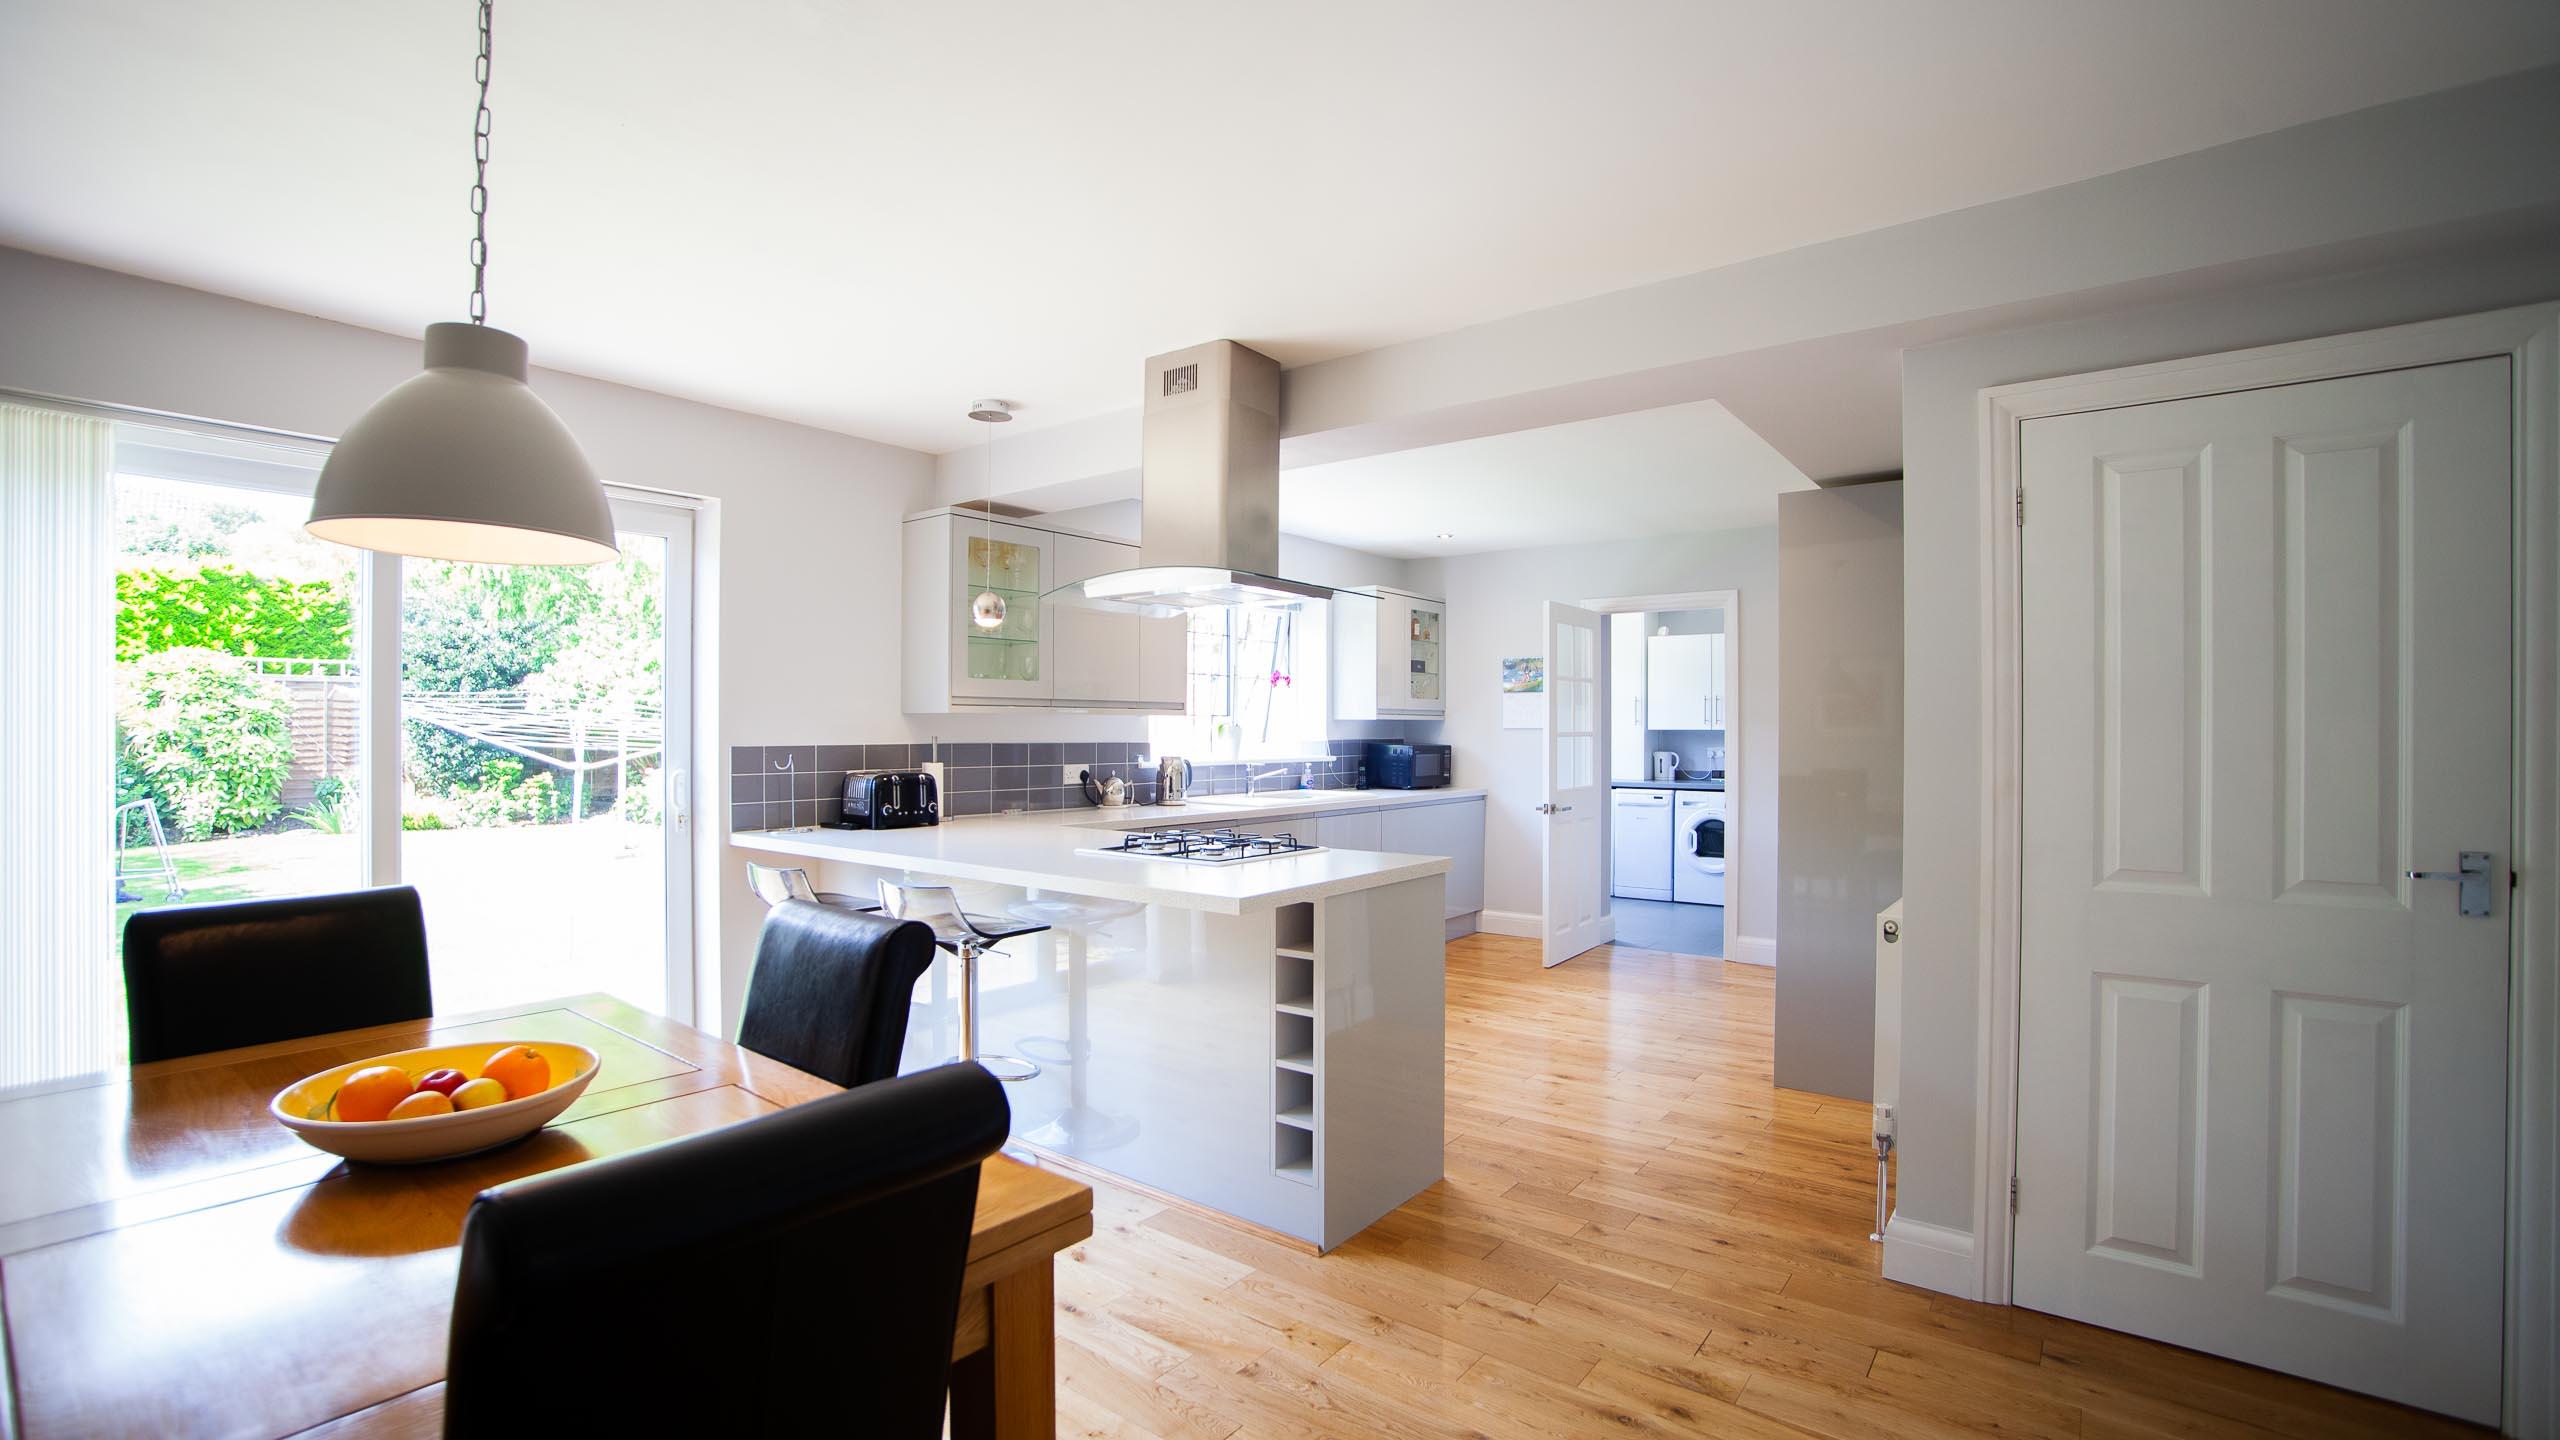 modern kitchen/diner with sliding doors to garden - kitchen installation by RJ Steele builders in Sussex